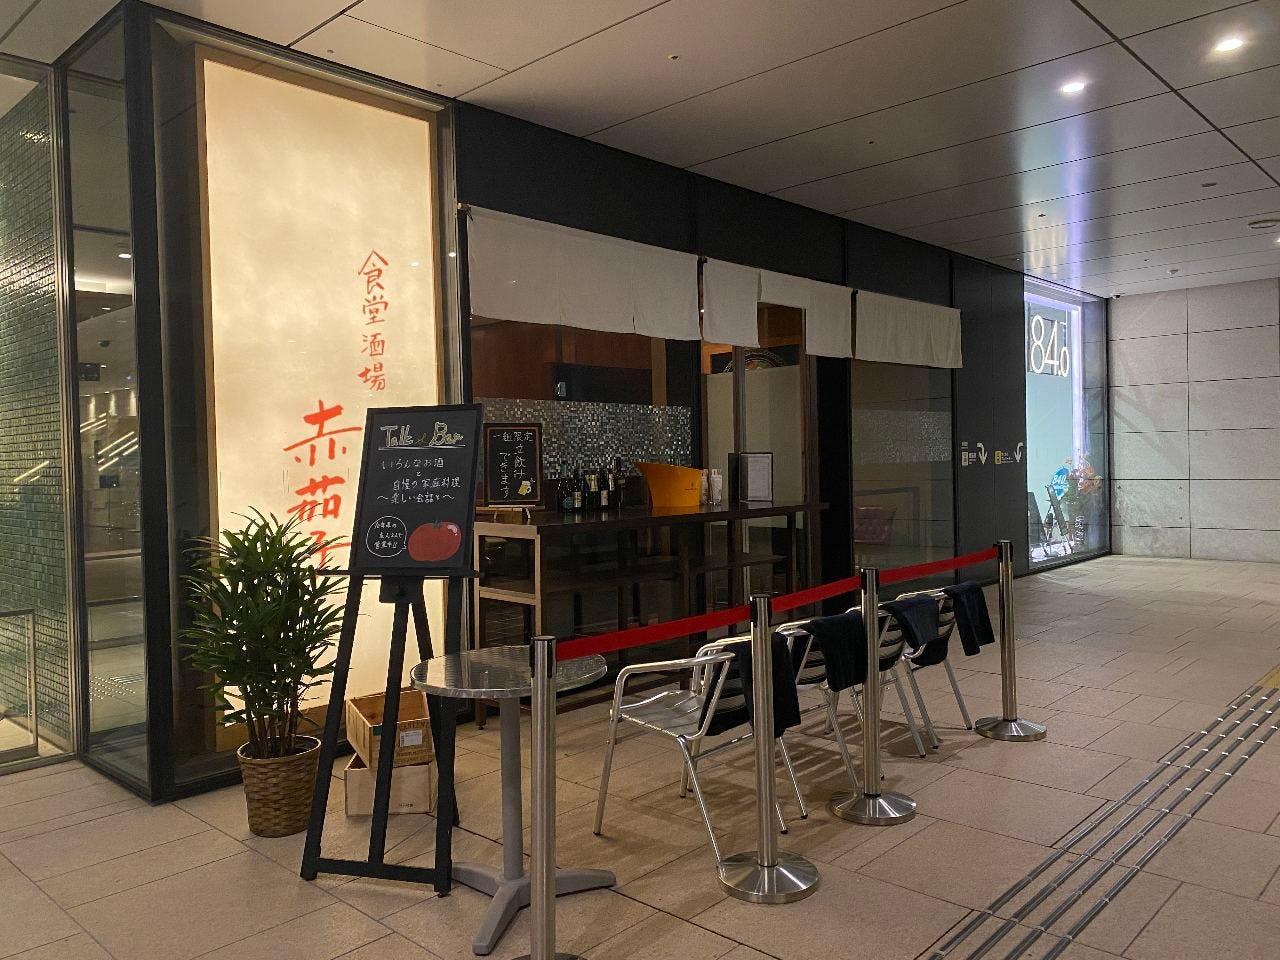 銀座線 京橋駅 3番出口直結 改札より徒歩10秒!!